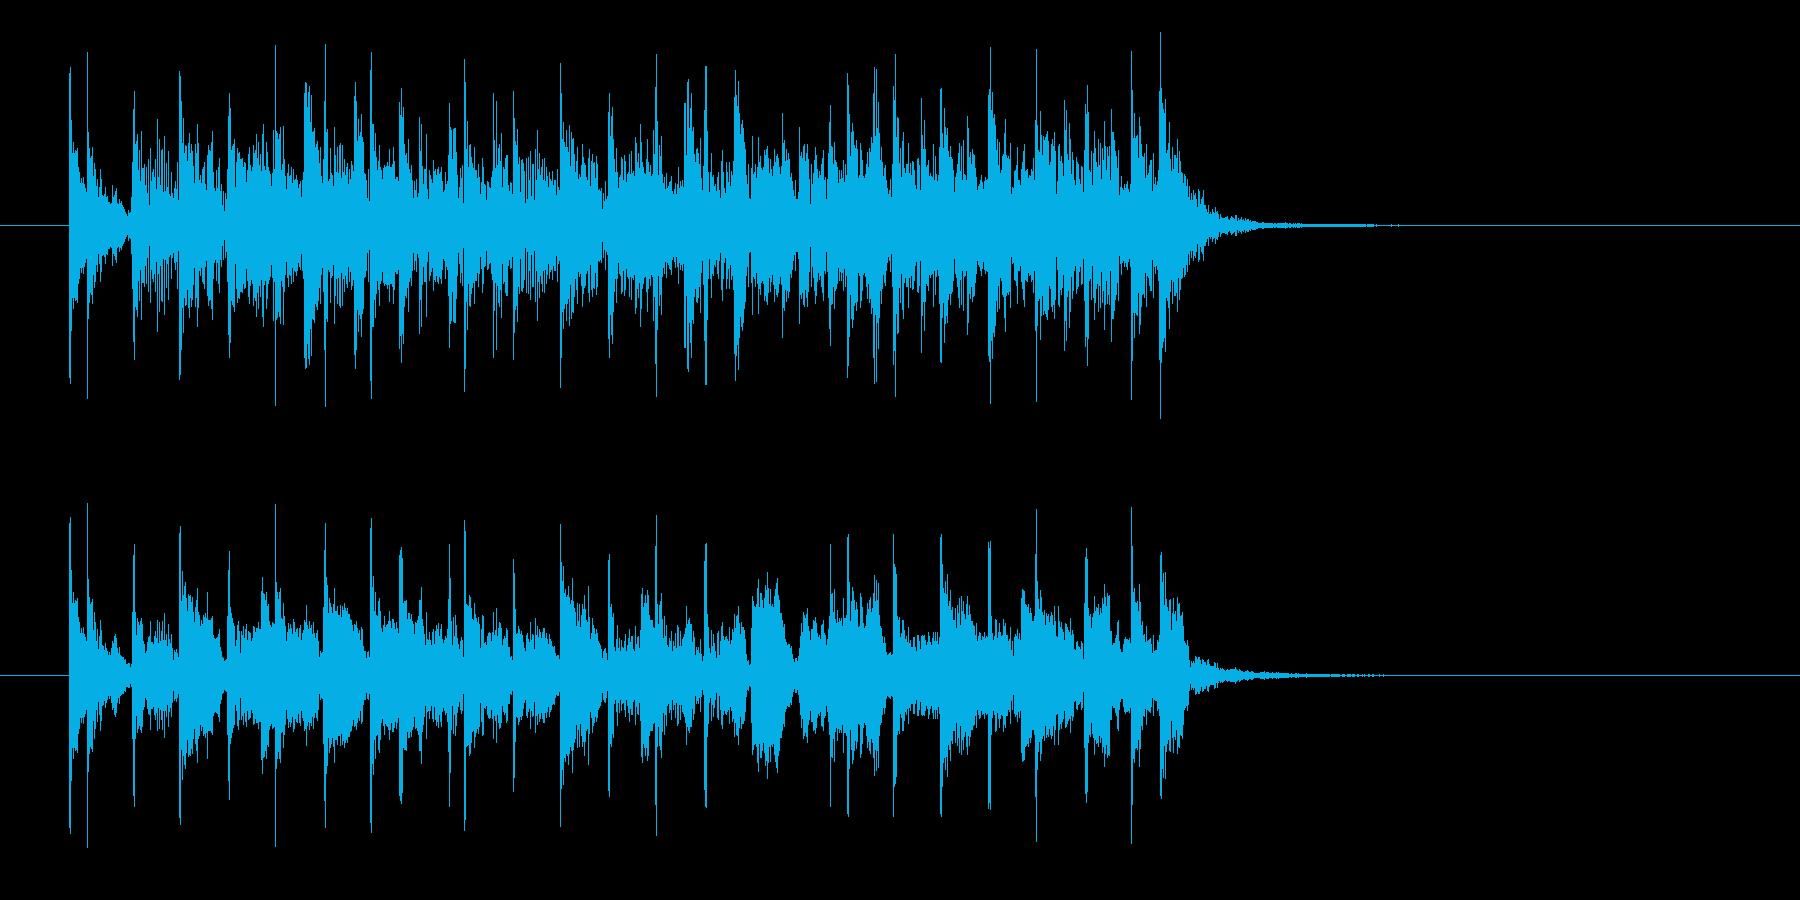 盛り上がるロカビリー風なジングル曲の再生済みの波形